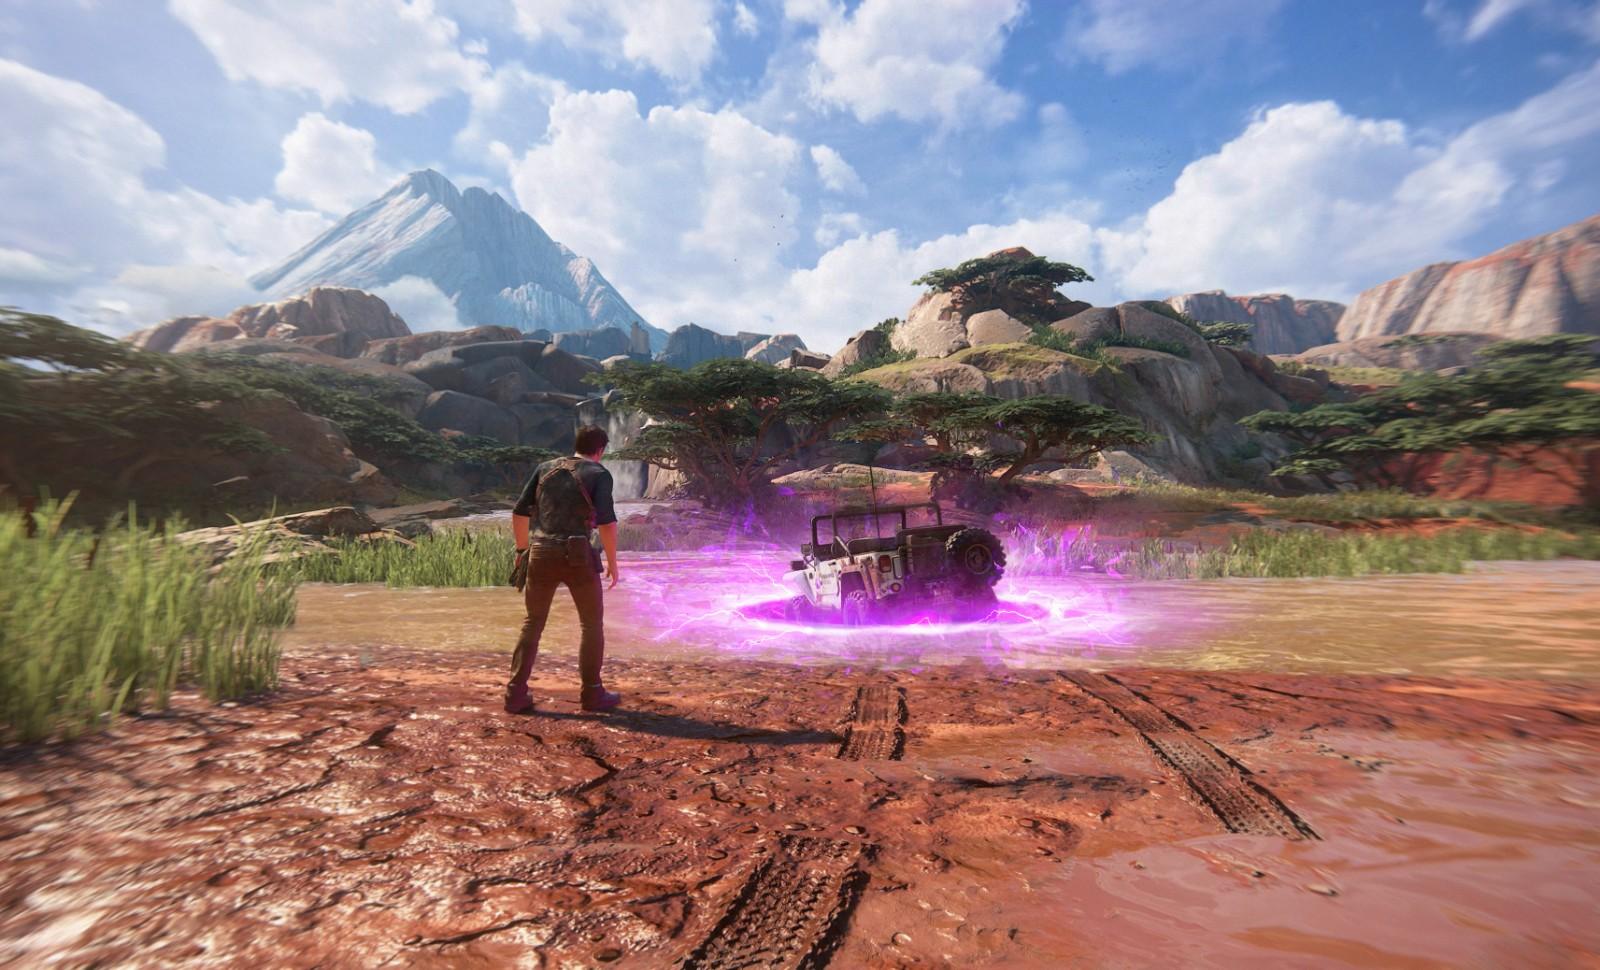 《瑞奇与叮当:分离》新武器公开 与《地平线》等联动